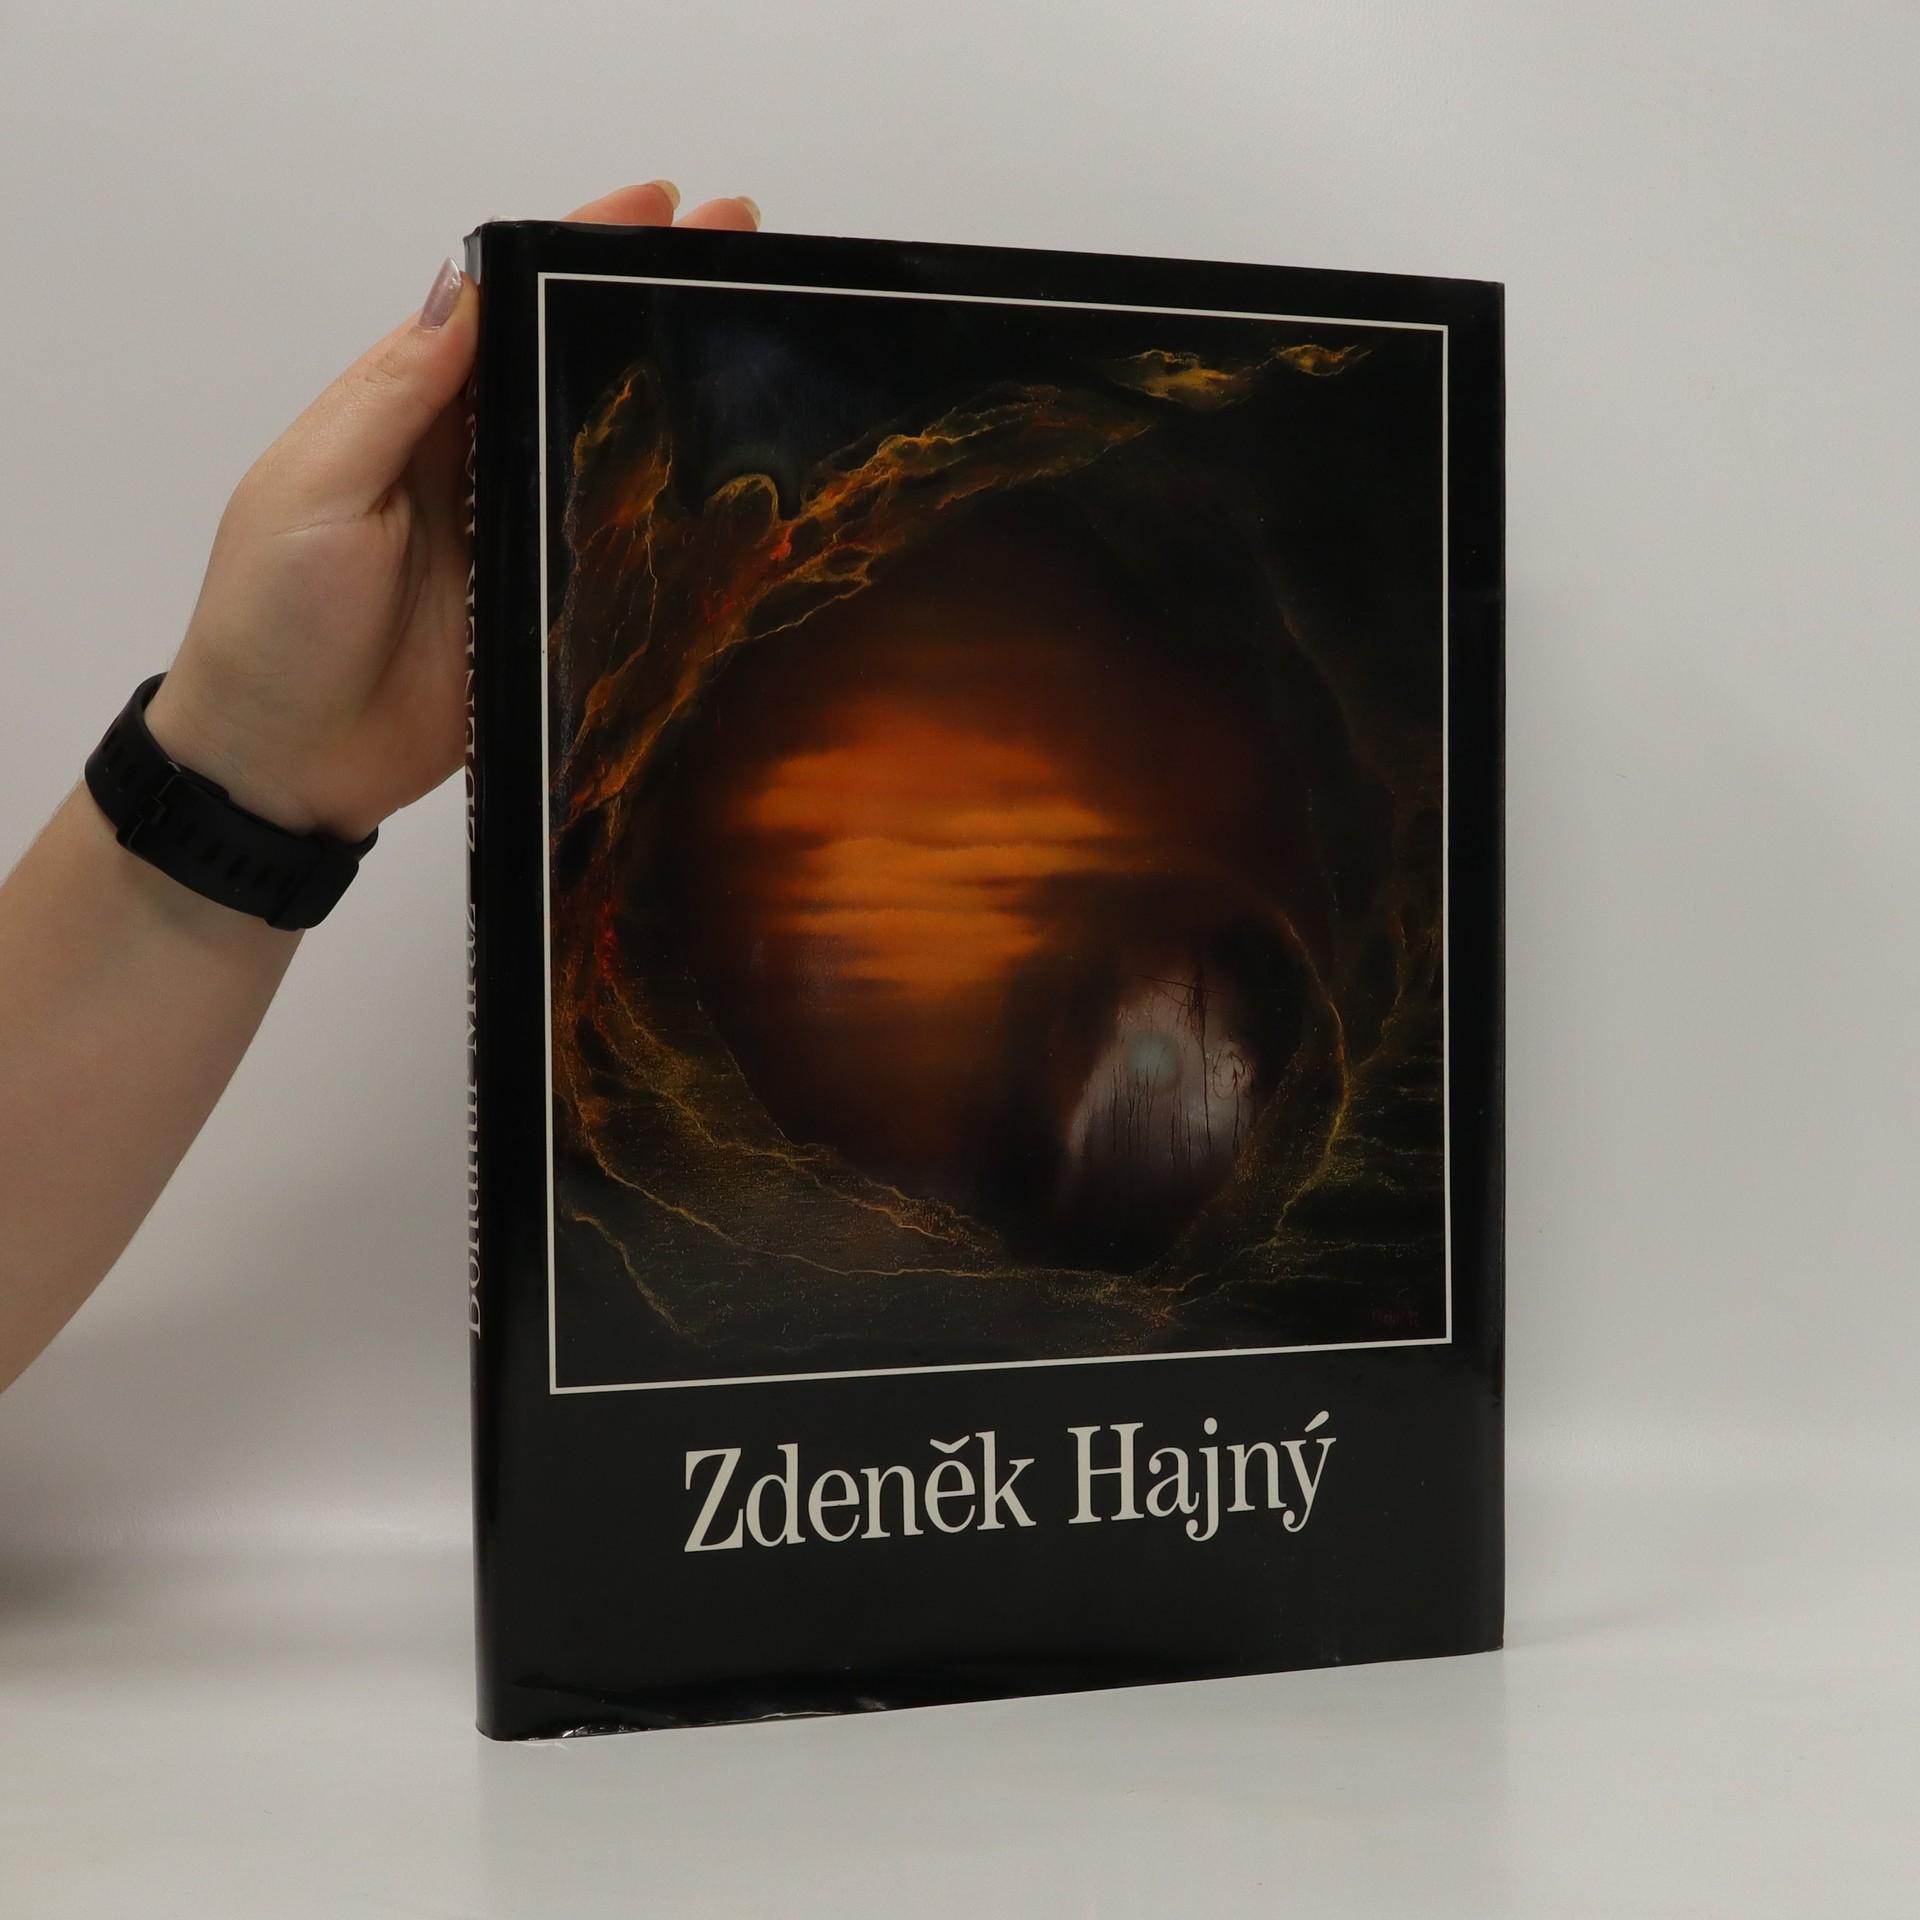 antikvární kniha Zdeněk hajný, 1992